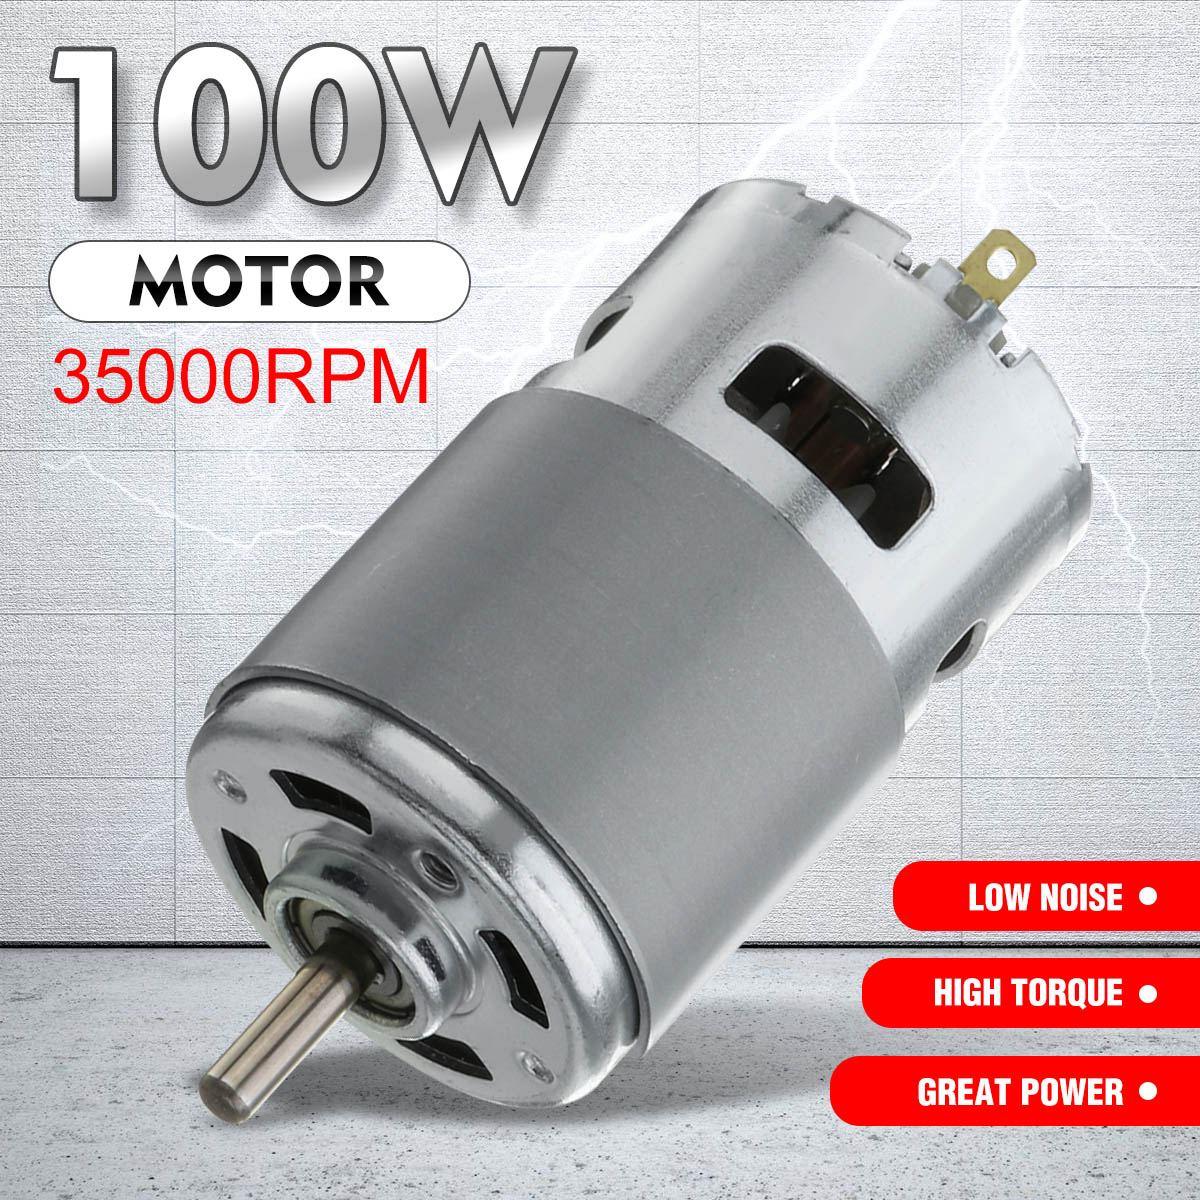 Caliente 775 DC Motor Max 35000 RPM-24 V DC 12V rodamiento de bolas gran Torque alta potencia baja motor de engranaje de Ruido Motor de componente electrónico